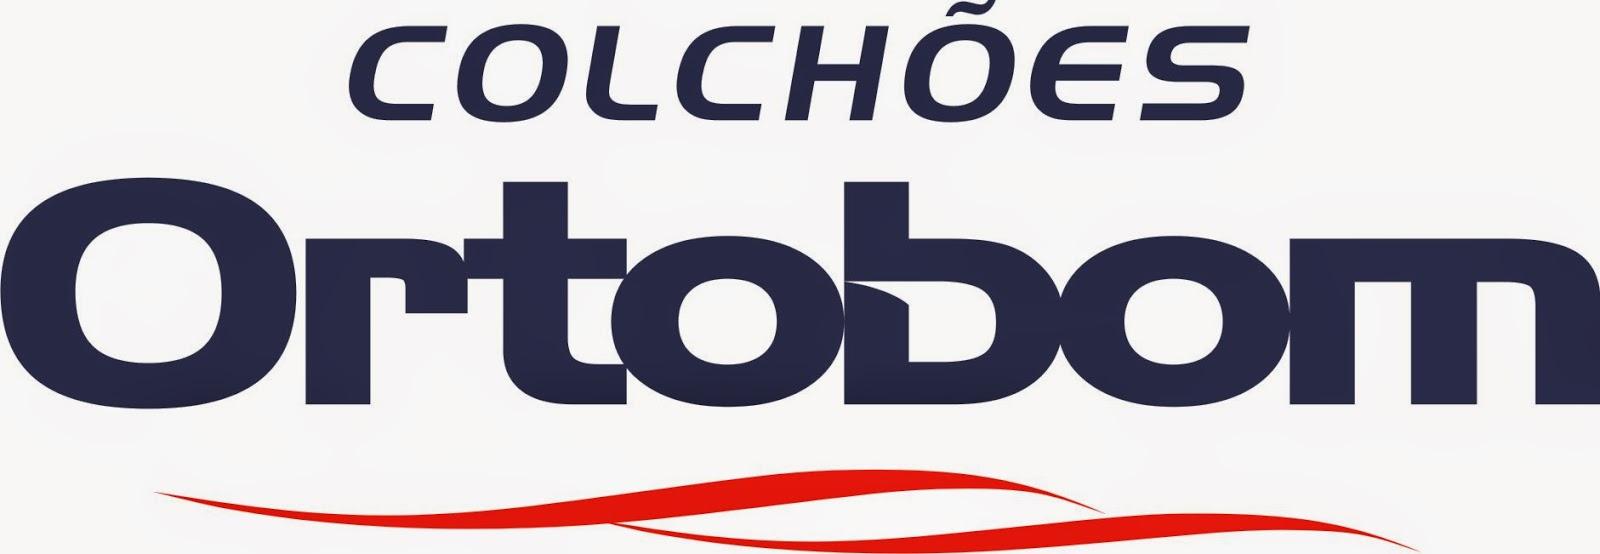 www.ortobom.com.br - COLCHÕES ORTOBOM - CAMA BOX ORTOBOM